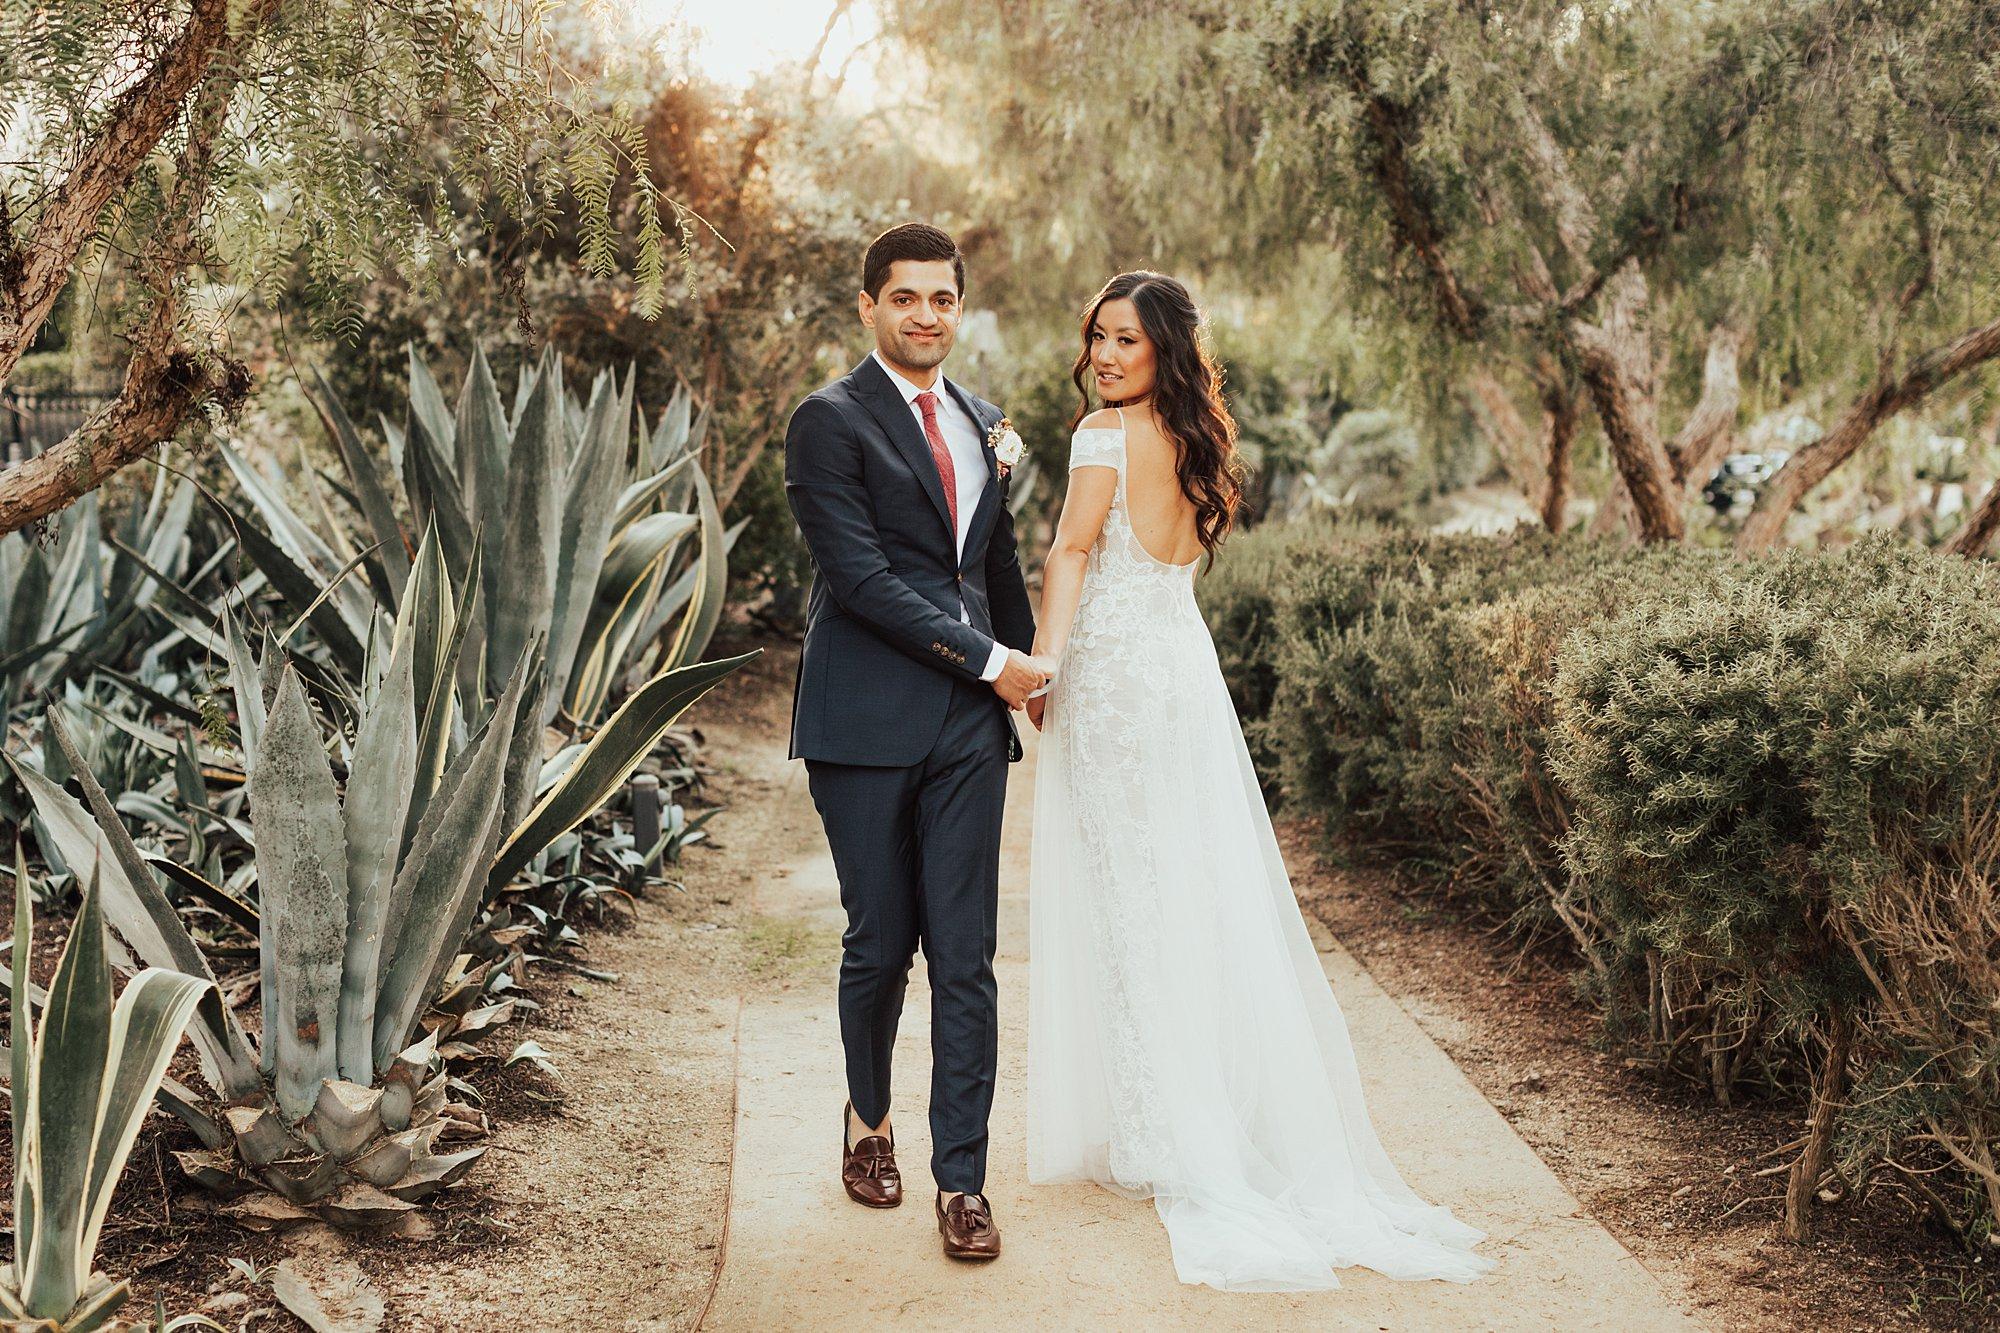 Bride and groom photos at Estancia Hotel